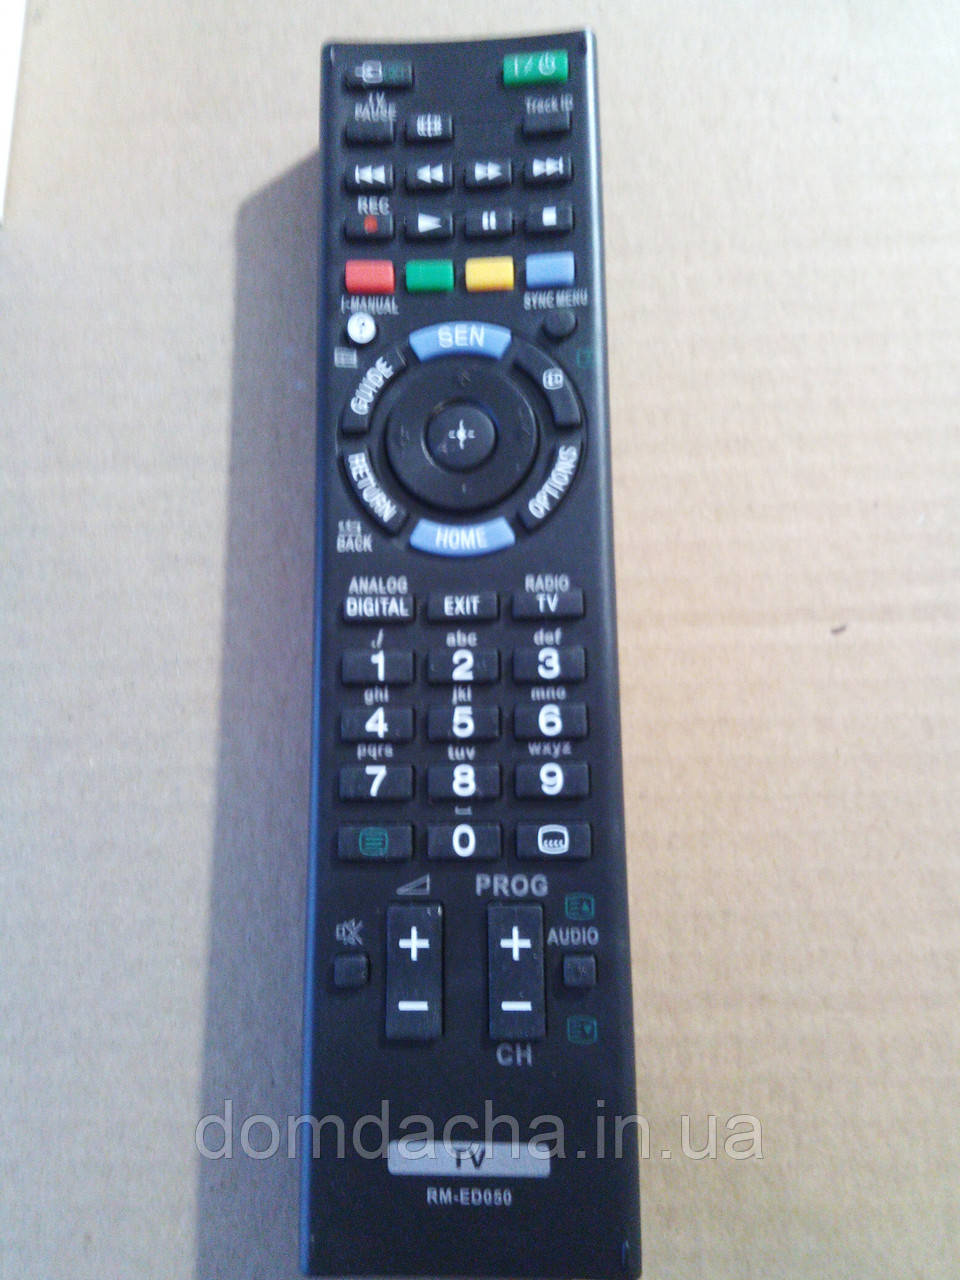 Пульт для телевизора Sony RM-ED050